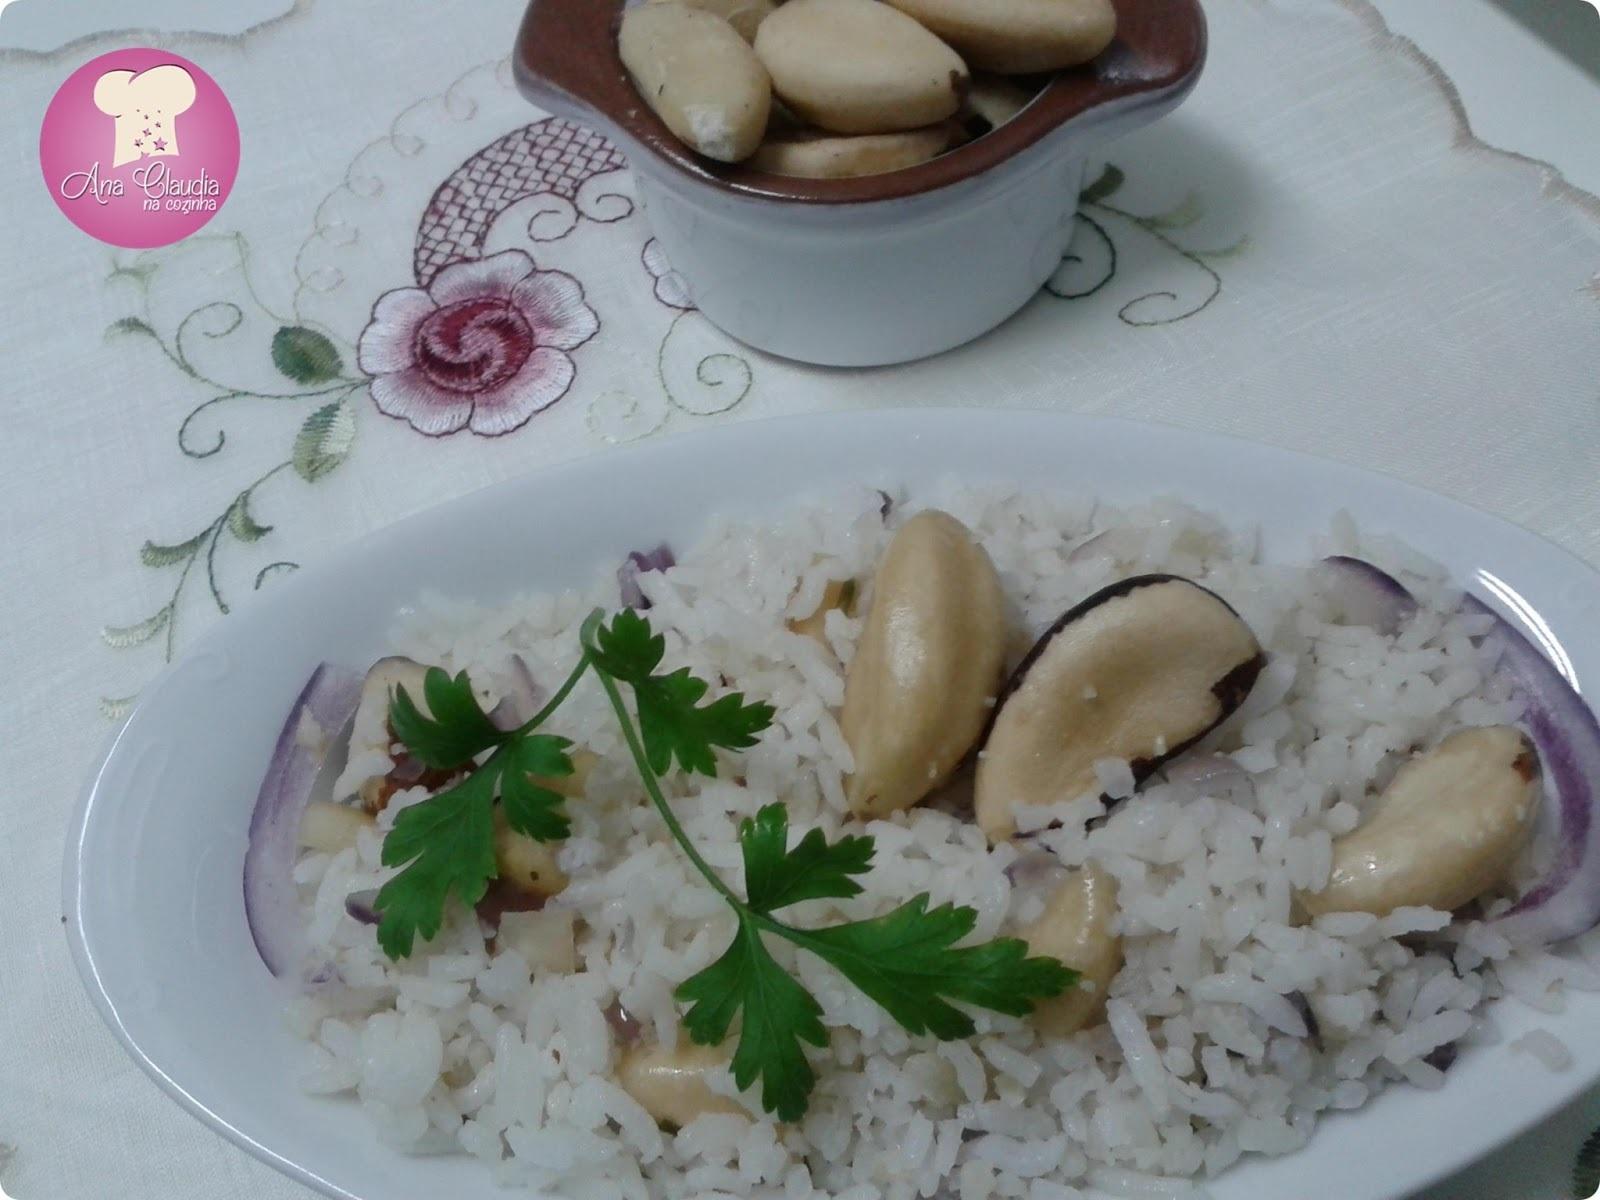 arroz com amendoas nozes e castanha